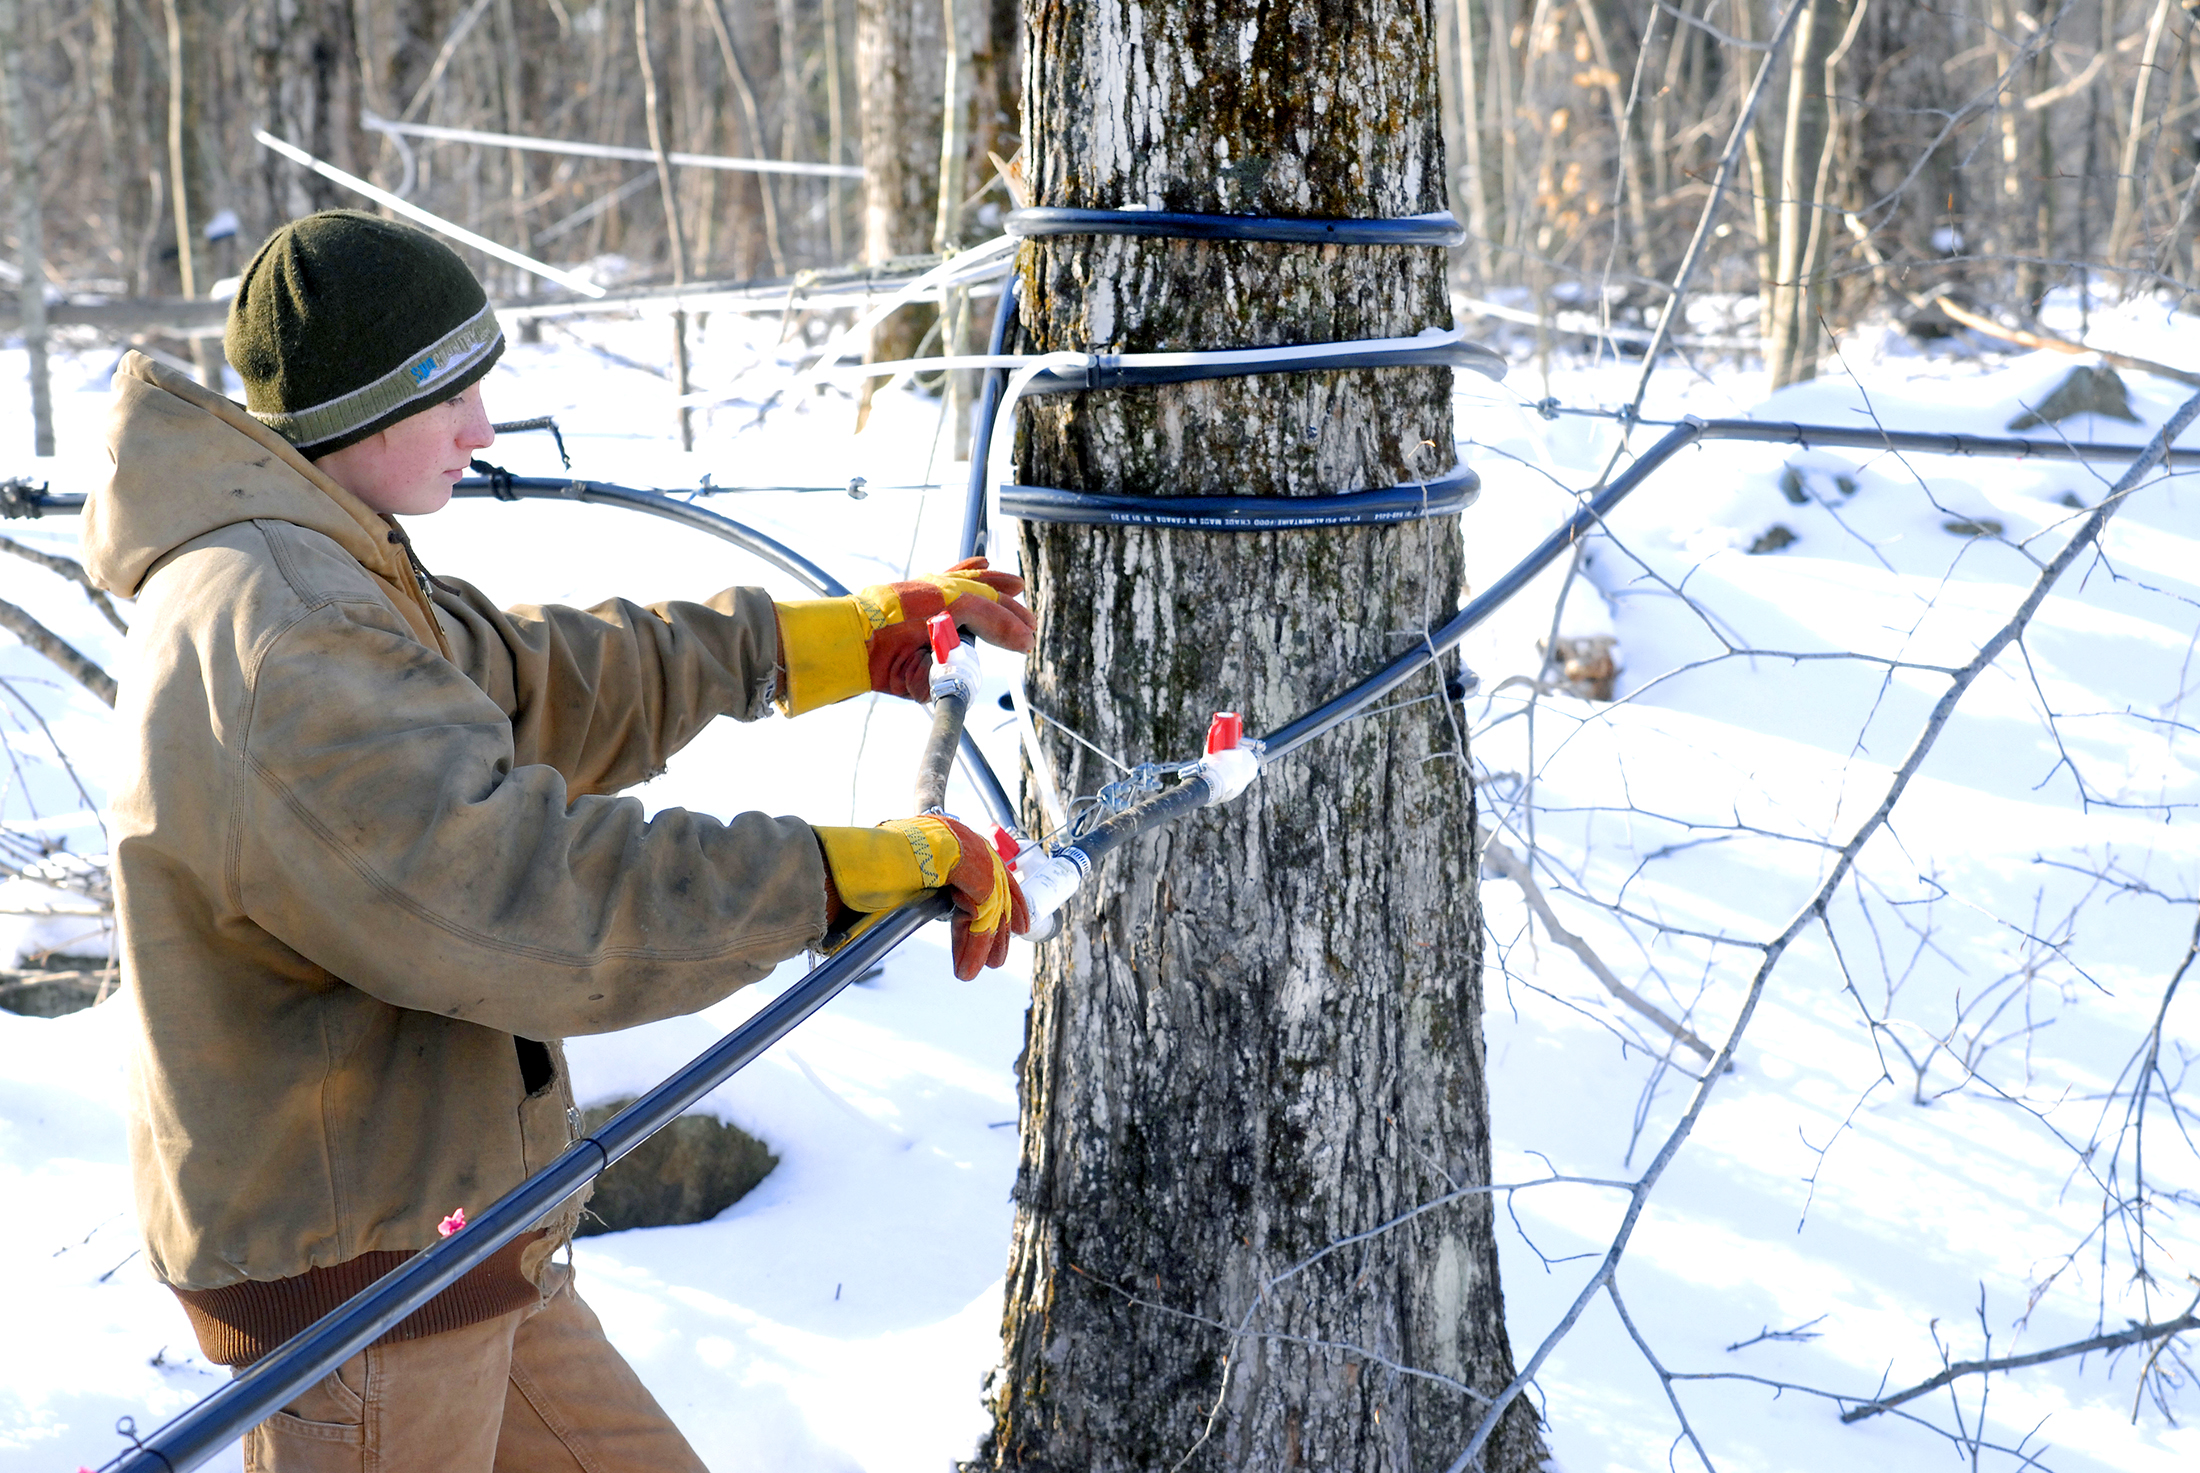 Matt Ripley, of the Maple Corner Farm, in Granville, checks the sap lines. (File photo by Frederick Gore)